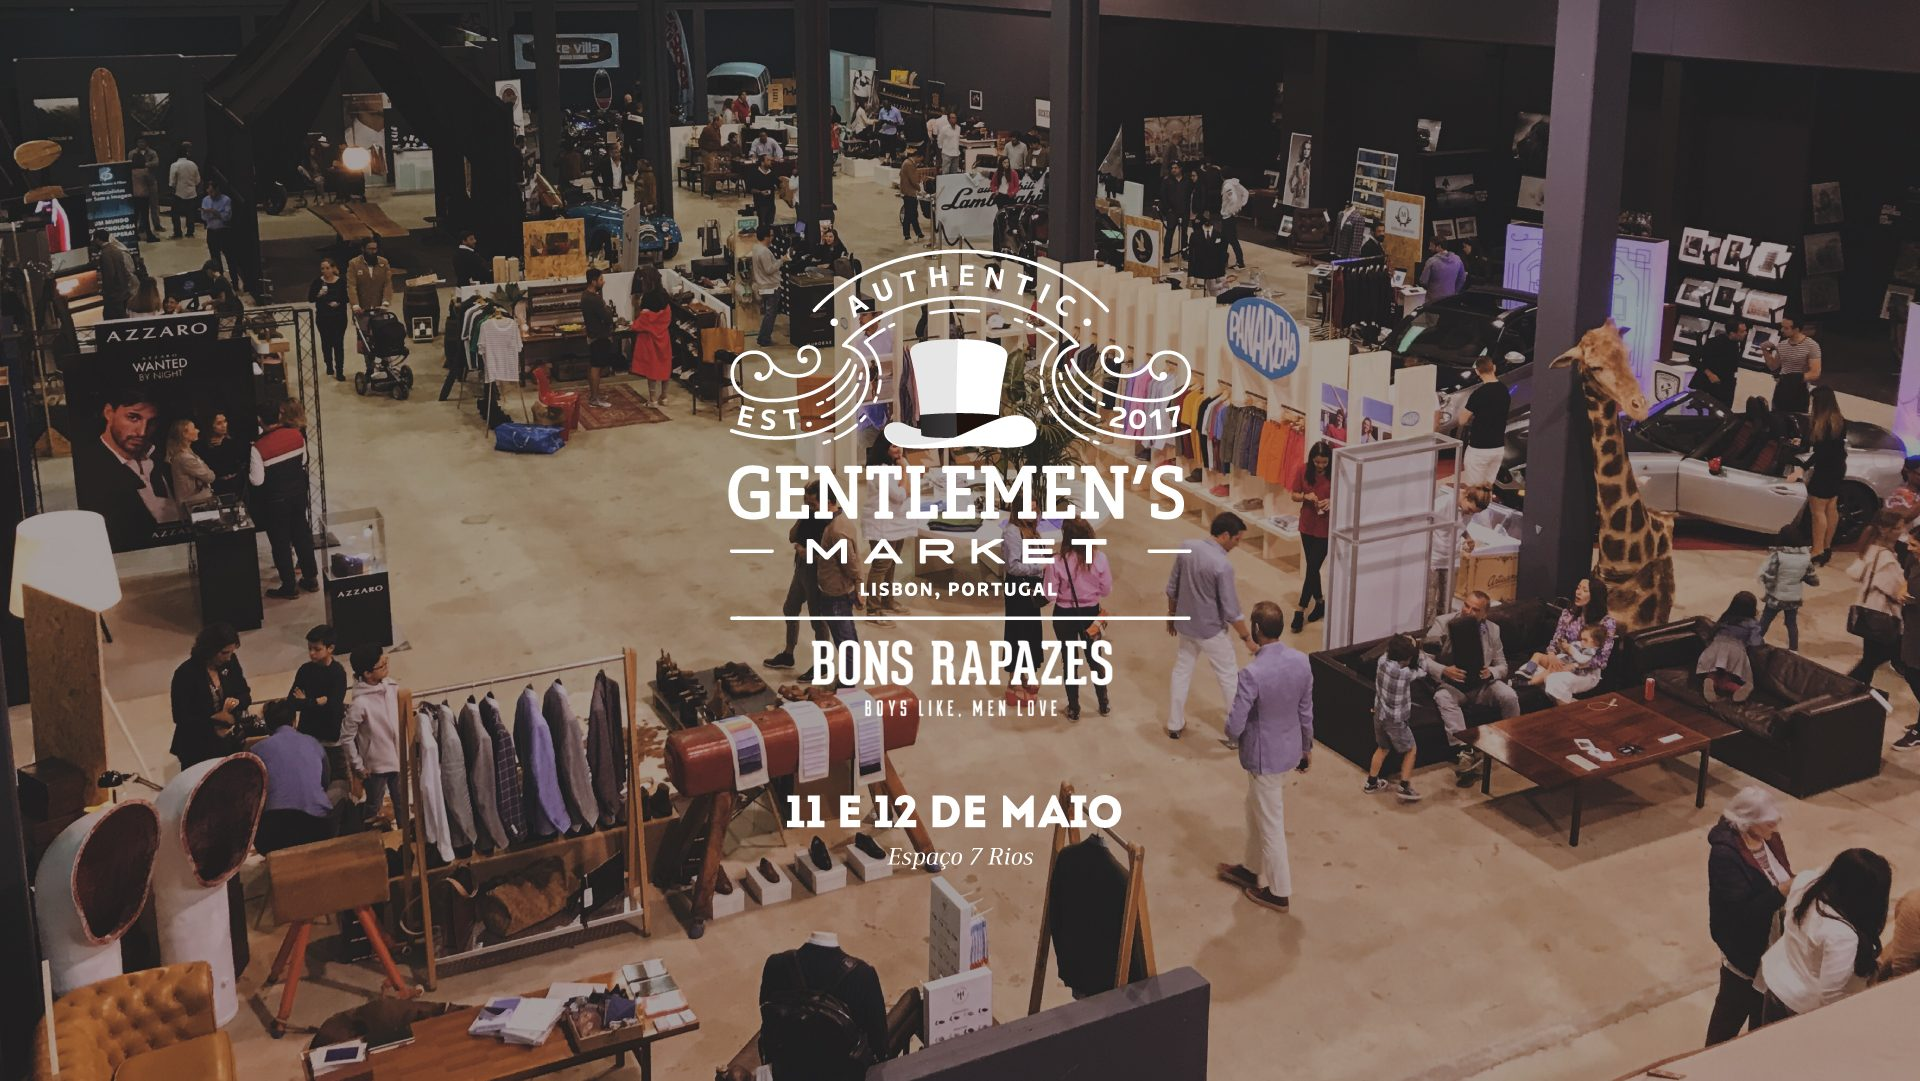 The Gentlemen's Market 2019